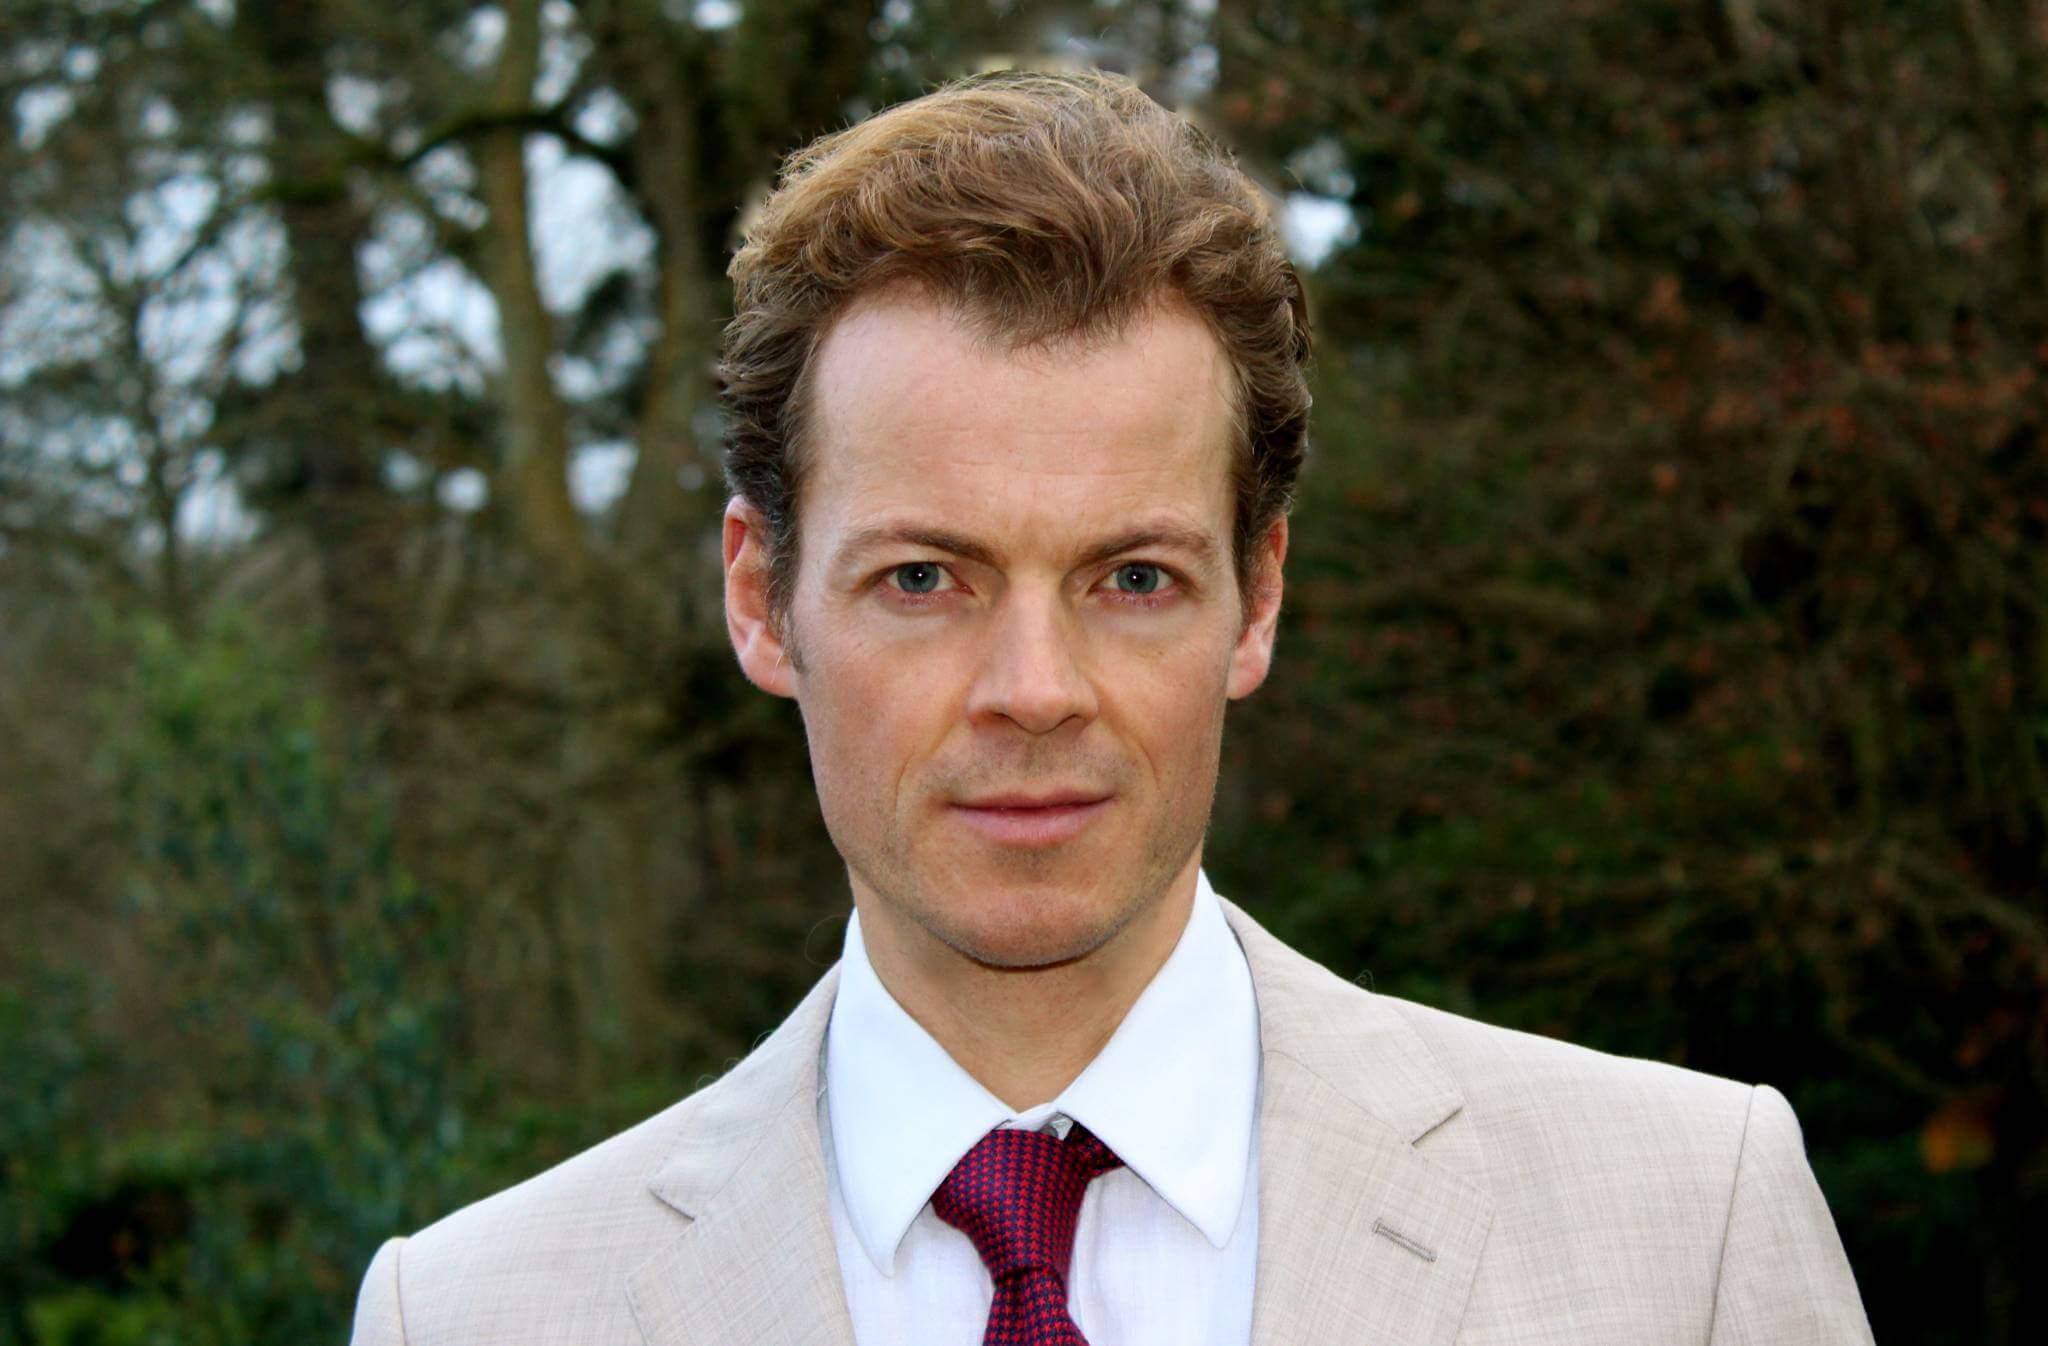 Dr Ben Hope